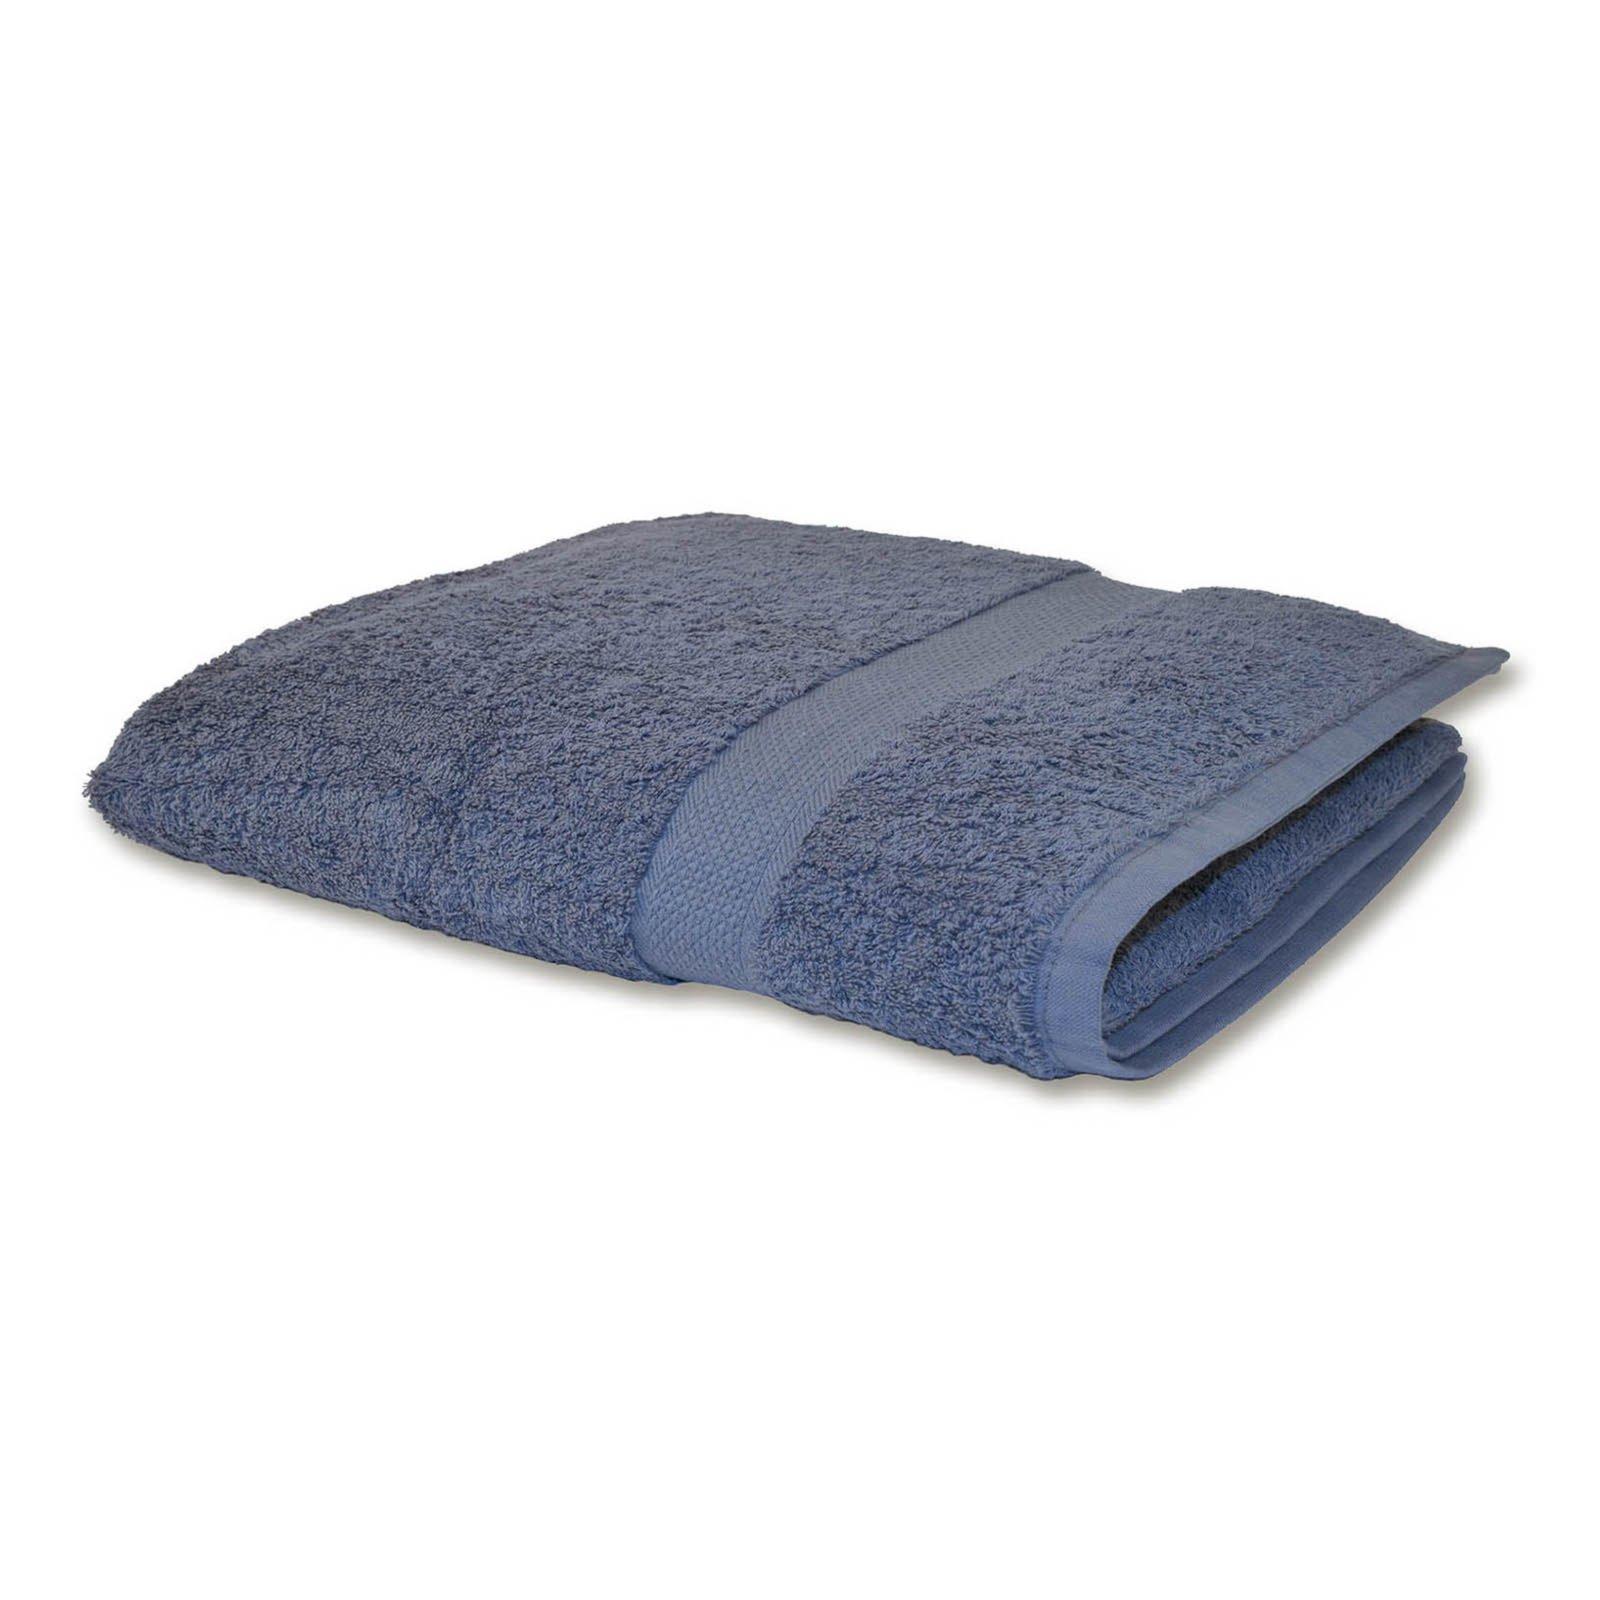 Handtuch PREMIUM - Baumwolle - grau - 50x100 cm